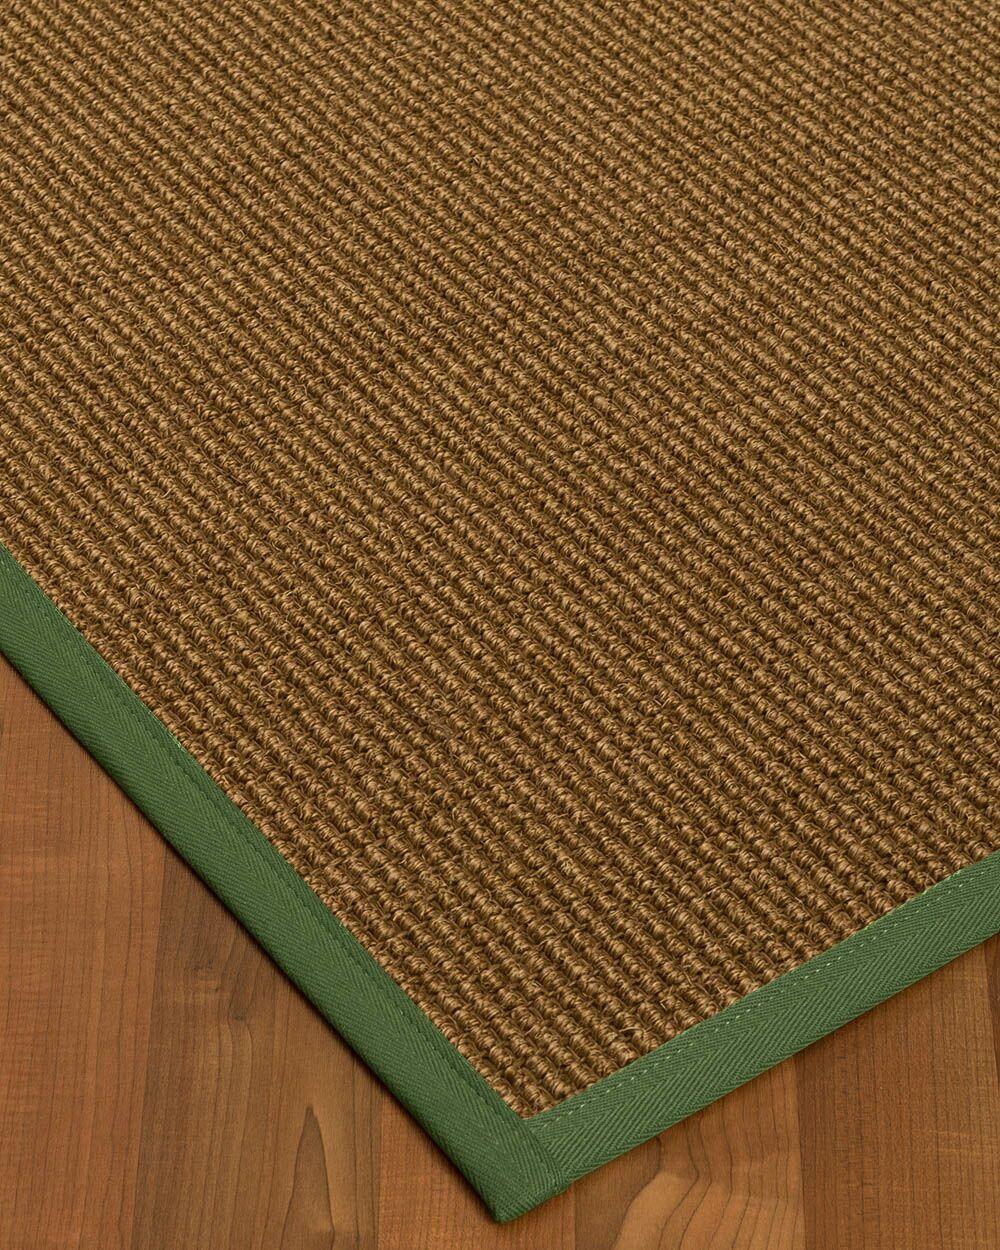 Kimbolton Hand-Woven Brown Area Rug Rug Size: Rectangle 9' x 12'